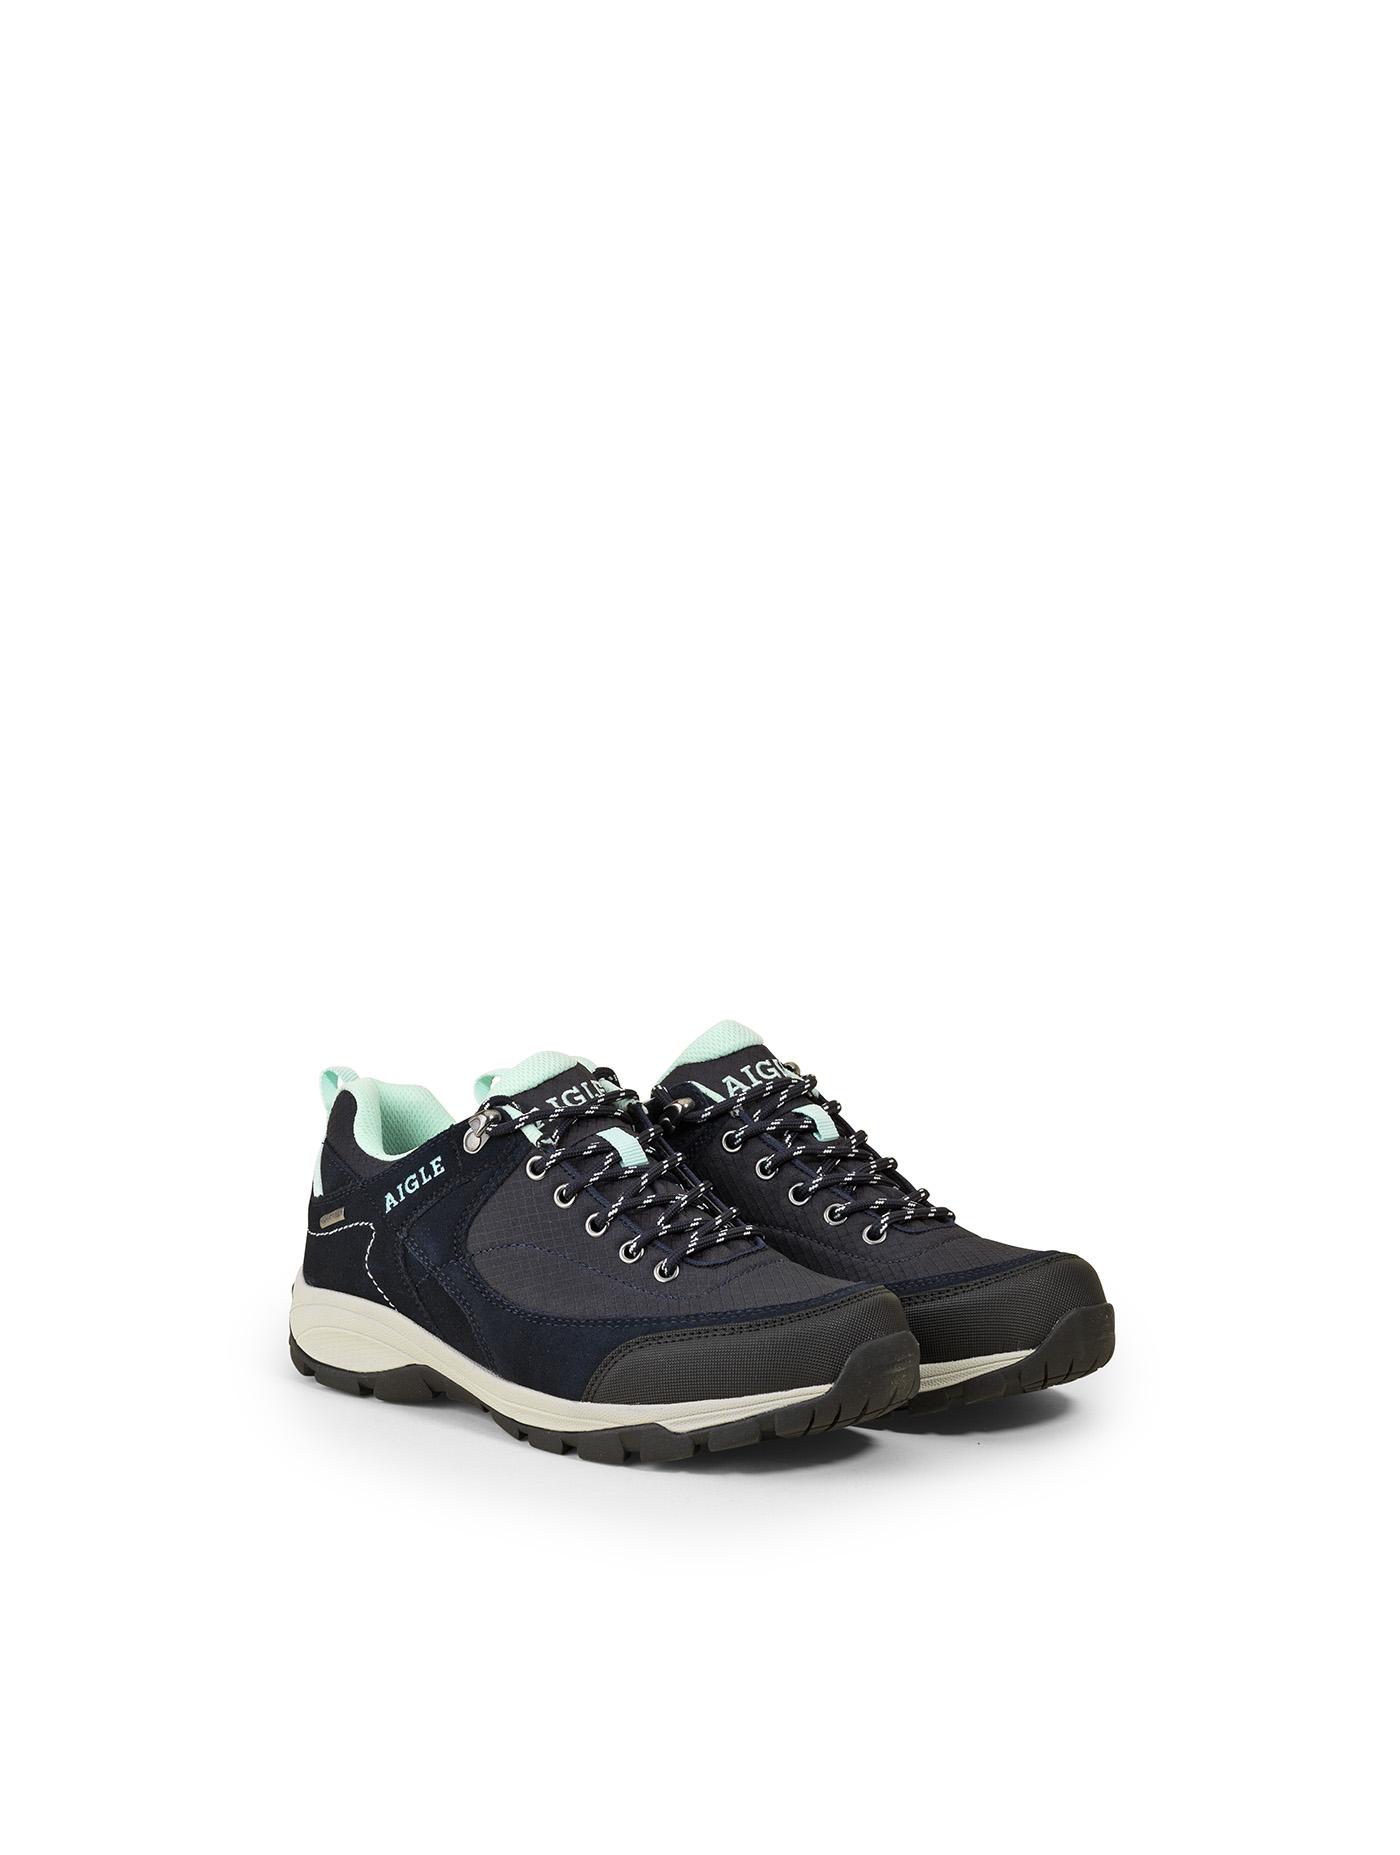 Chaussures imperméable et coupe-vent pour Femme - Vedur lowfemme | AIGLE